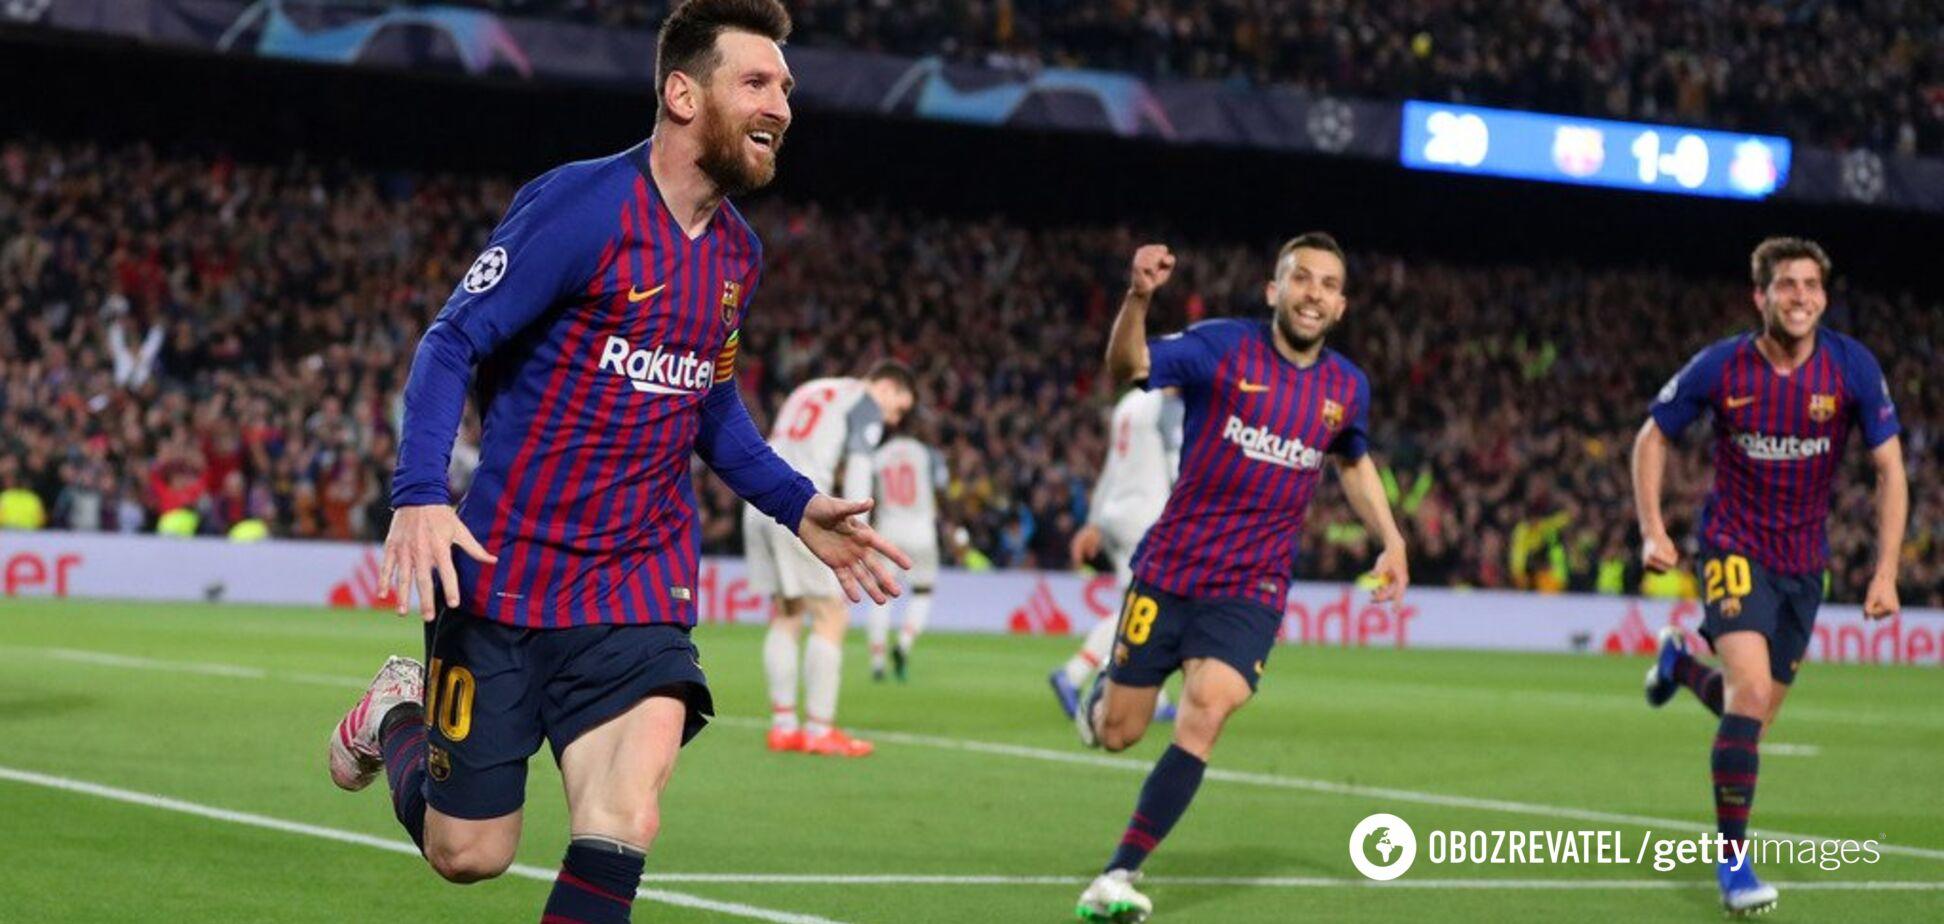 Лига чемпионов: фантастический Месси помог 'Барселоне' разгромить 'Ливерпуль'